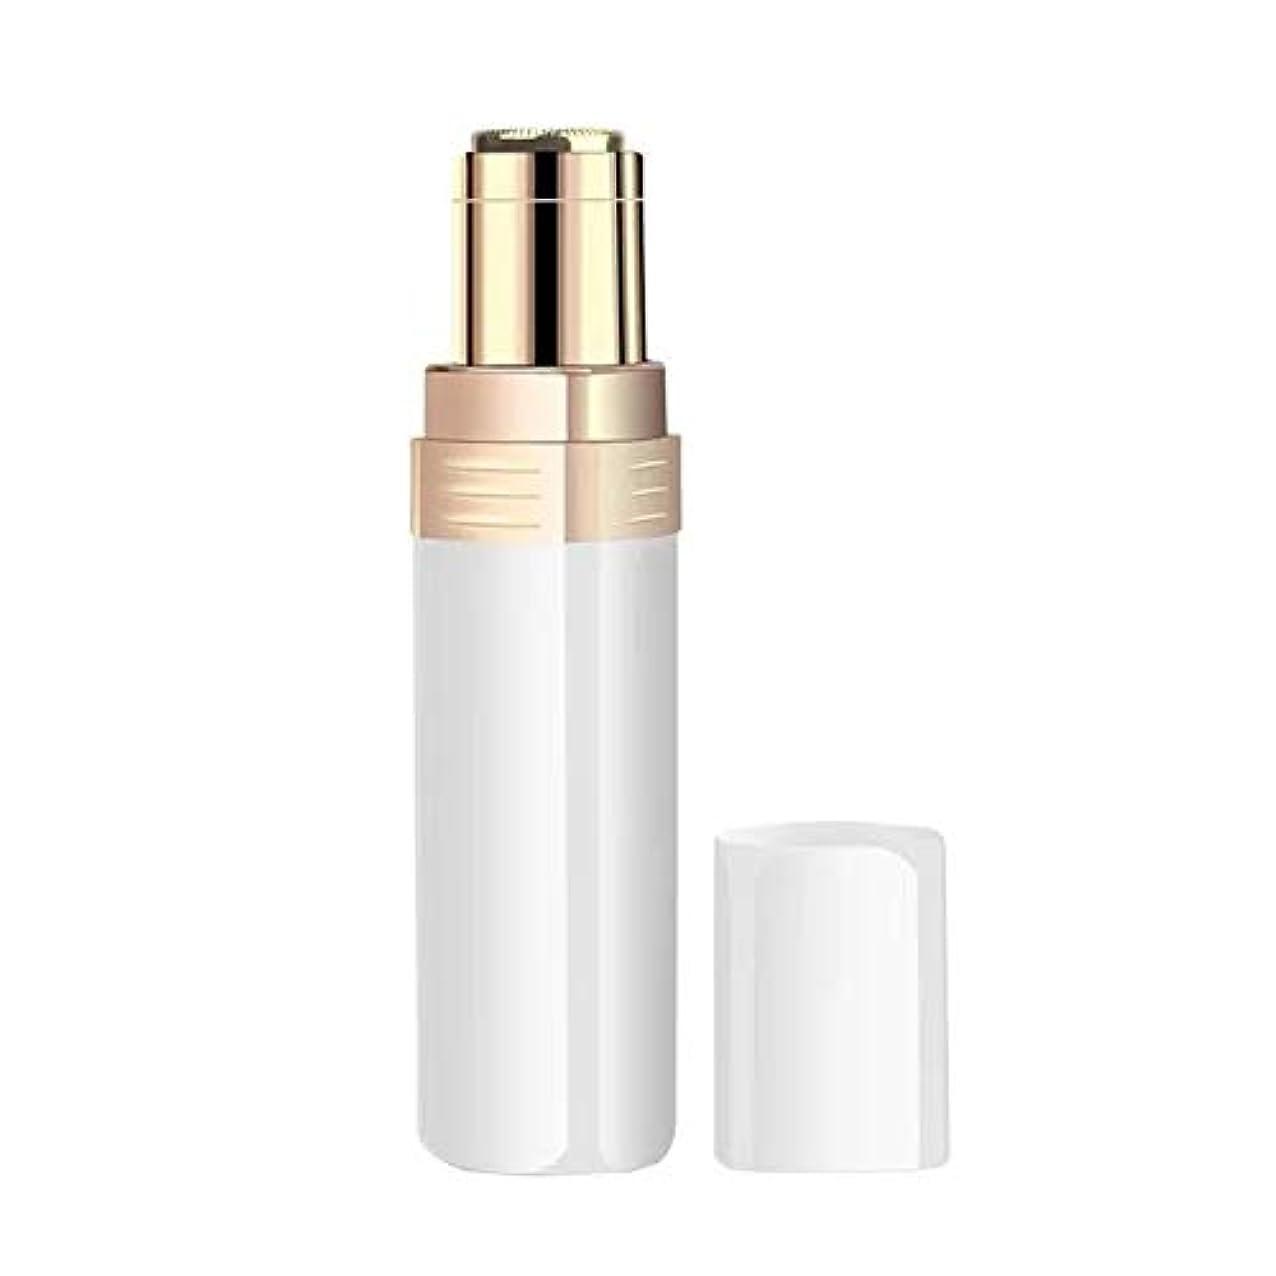 適応する購入平らにする脱毛器、電気脱毛器、眉毛のための携帯用毛の除去剤の女性眉毛のトリマー,白